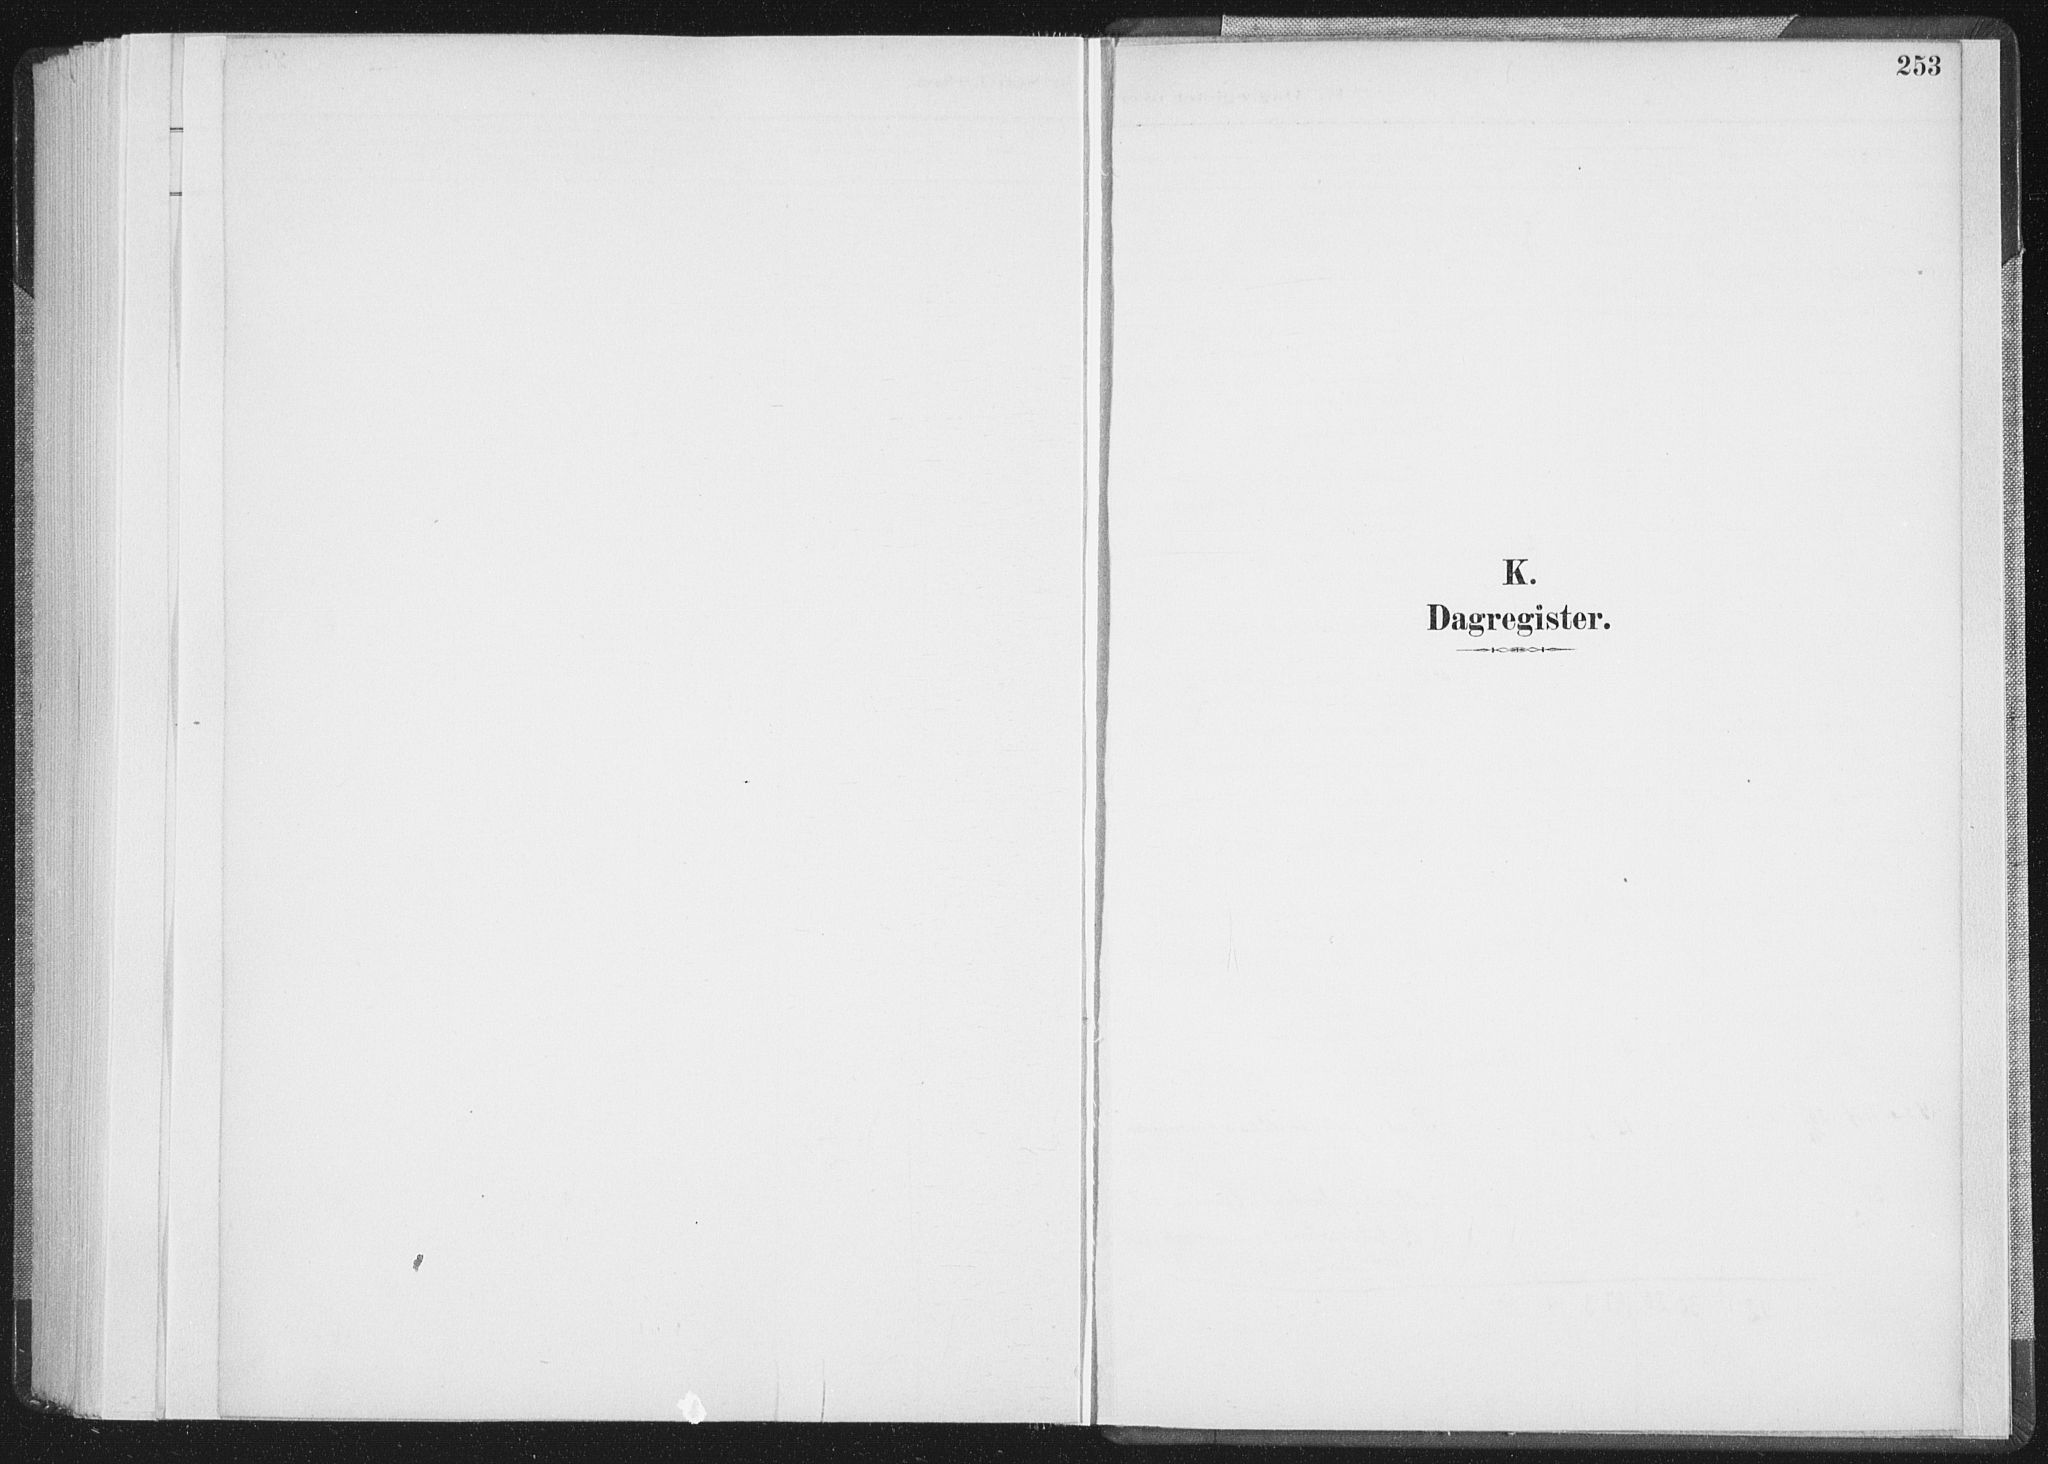 SAT, Ministerialprotokoller, klokkerbøker og fødselsregistre - Nordland, 898/L1422: Parish register (official) no. 898A02, 1887-1908, p. 253